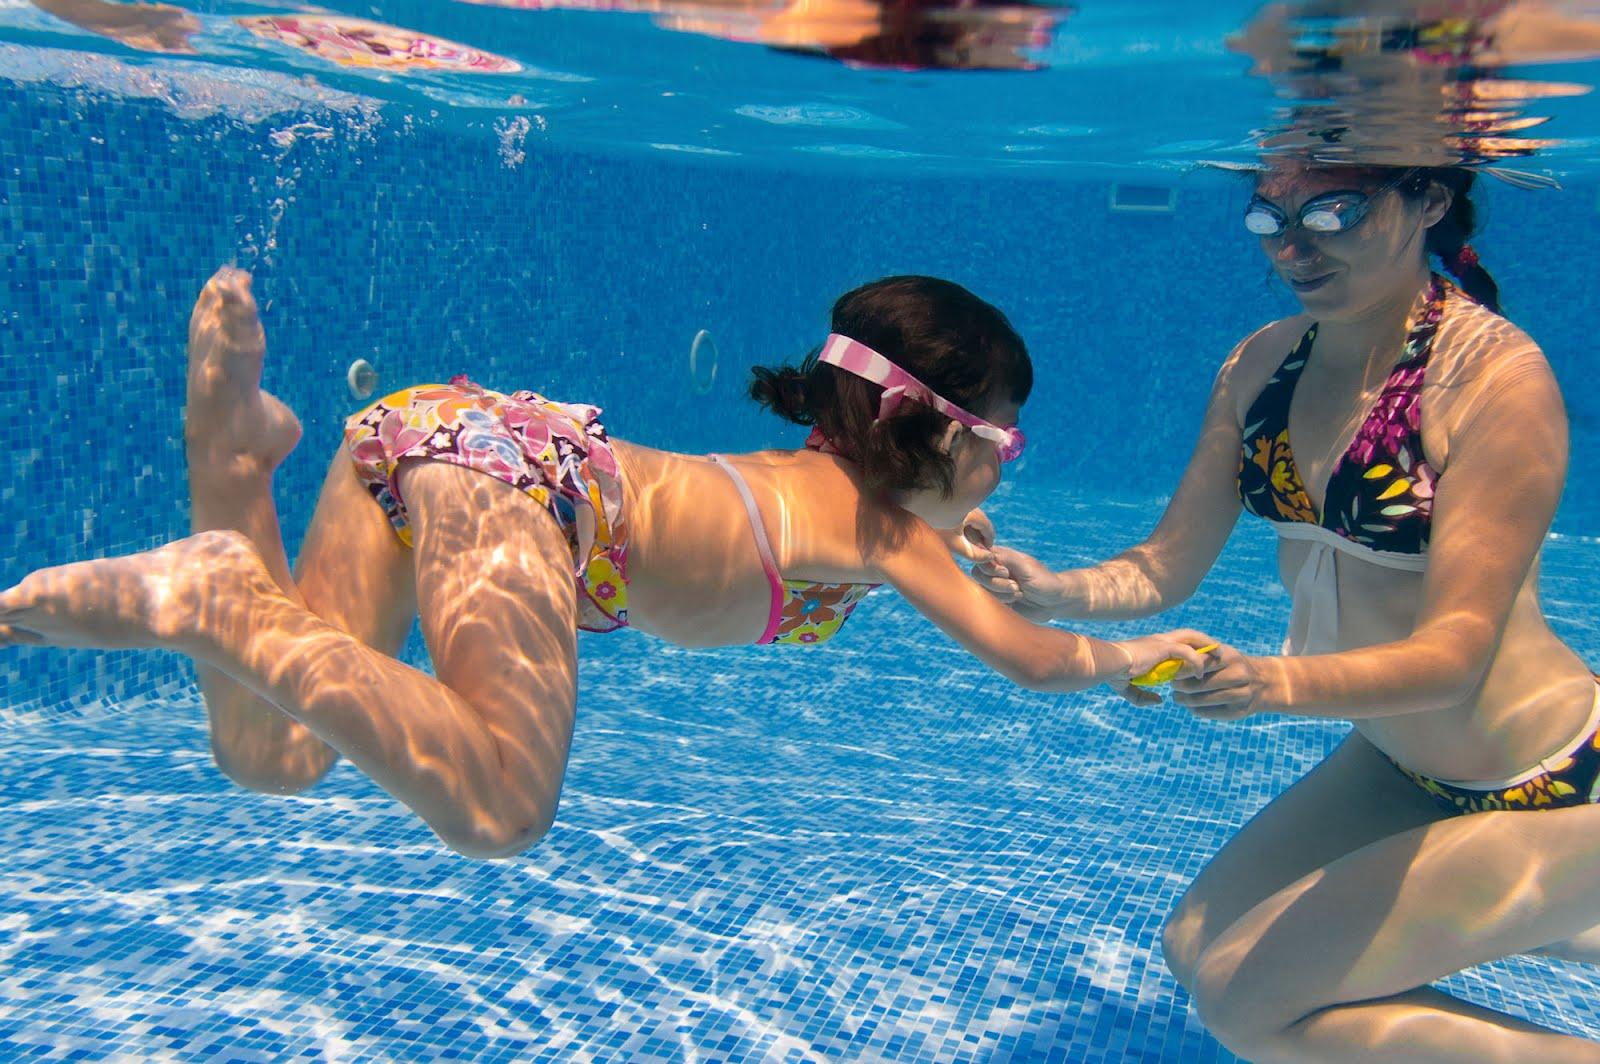 Niña aprendiendo a nadar en la piscina - Underwater photos - Little